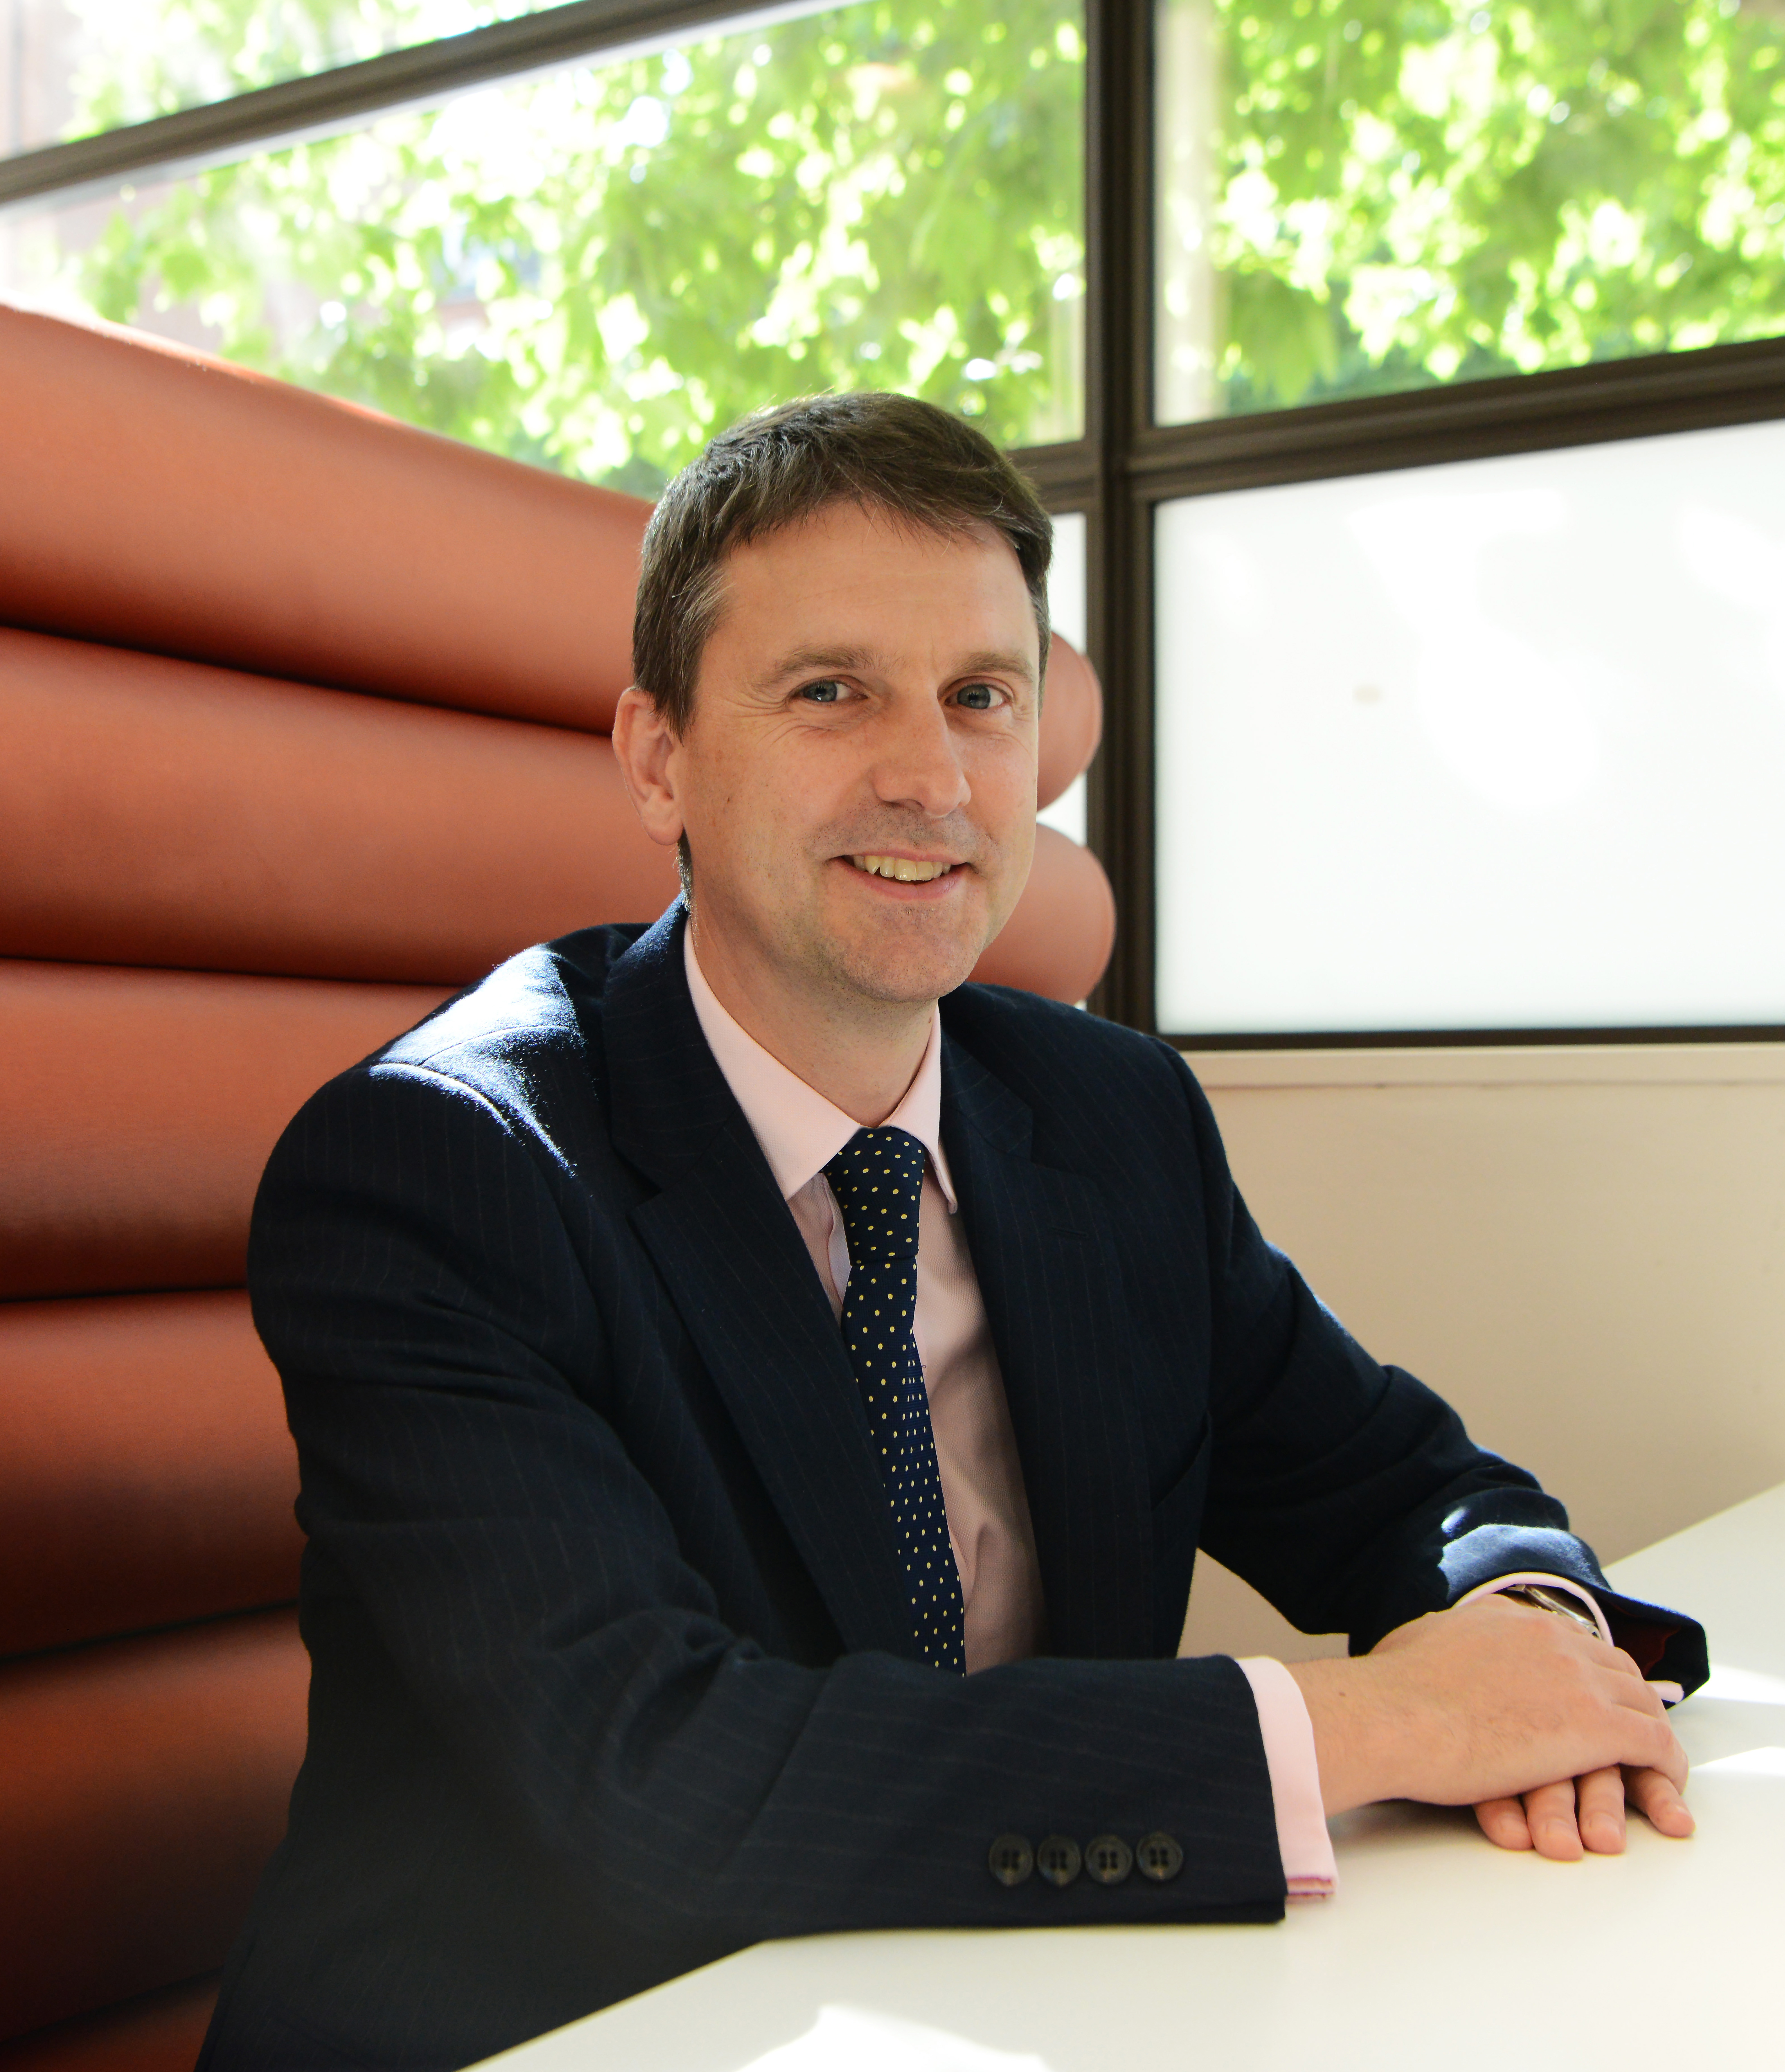 David Russell MA, PGCE